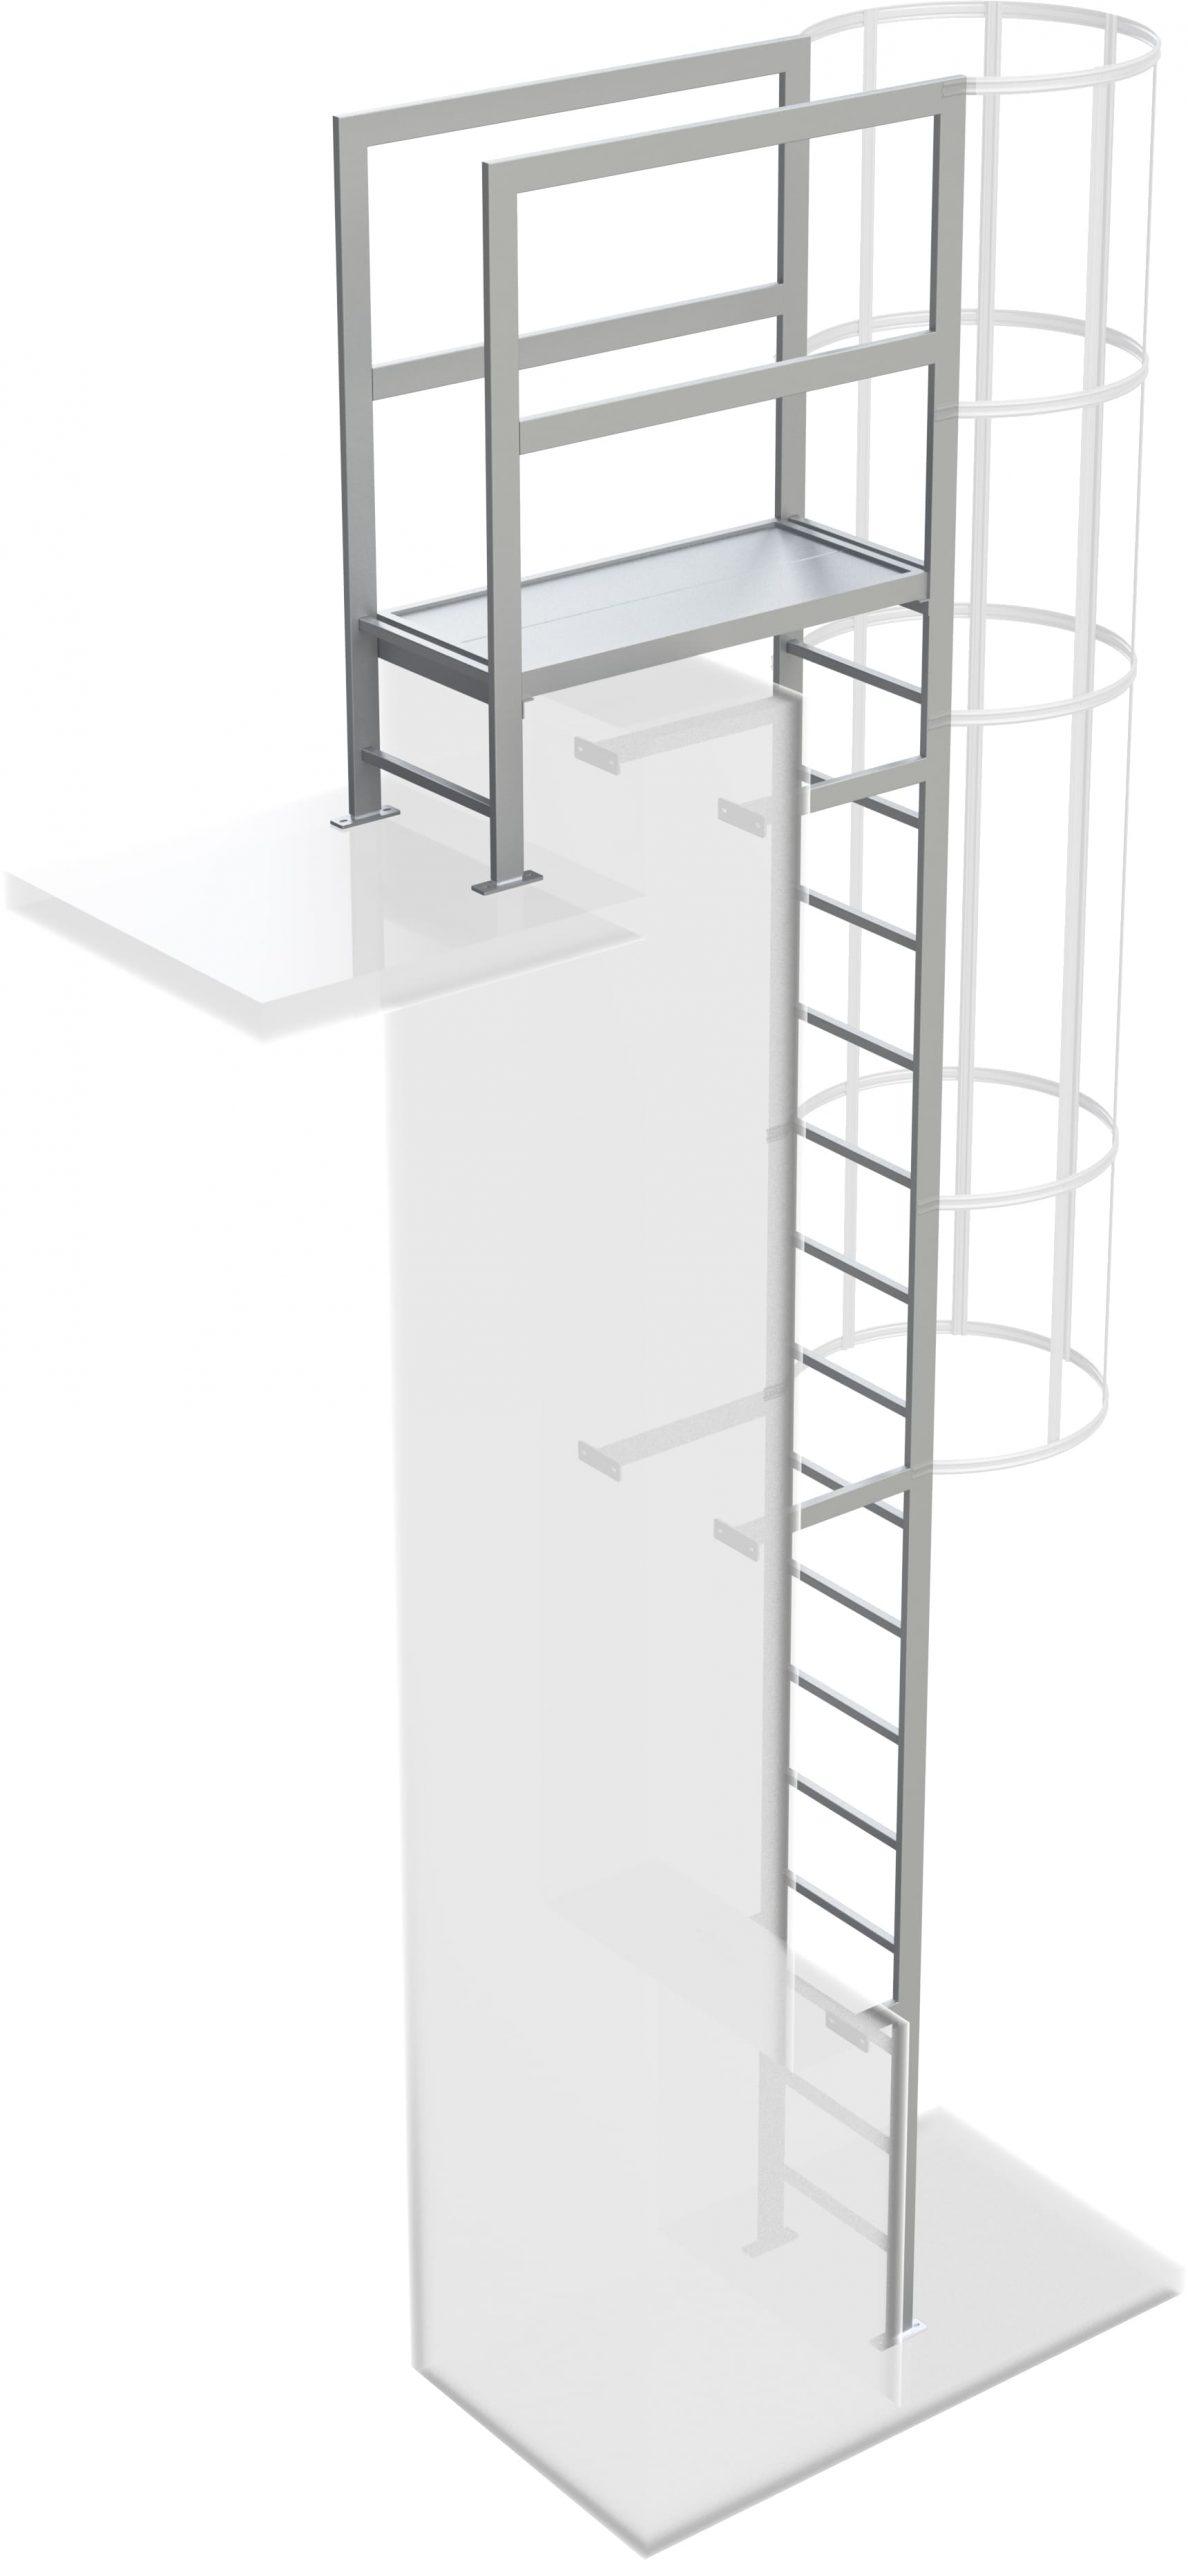 prestup atiky na výstupovom rebrku na budove